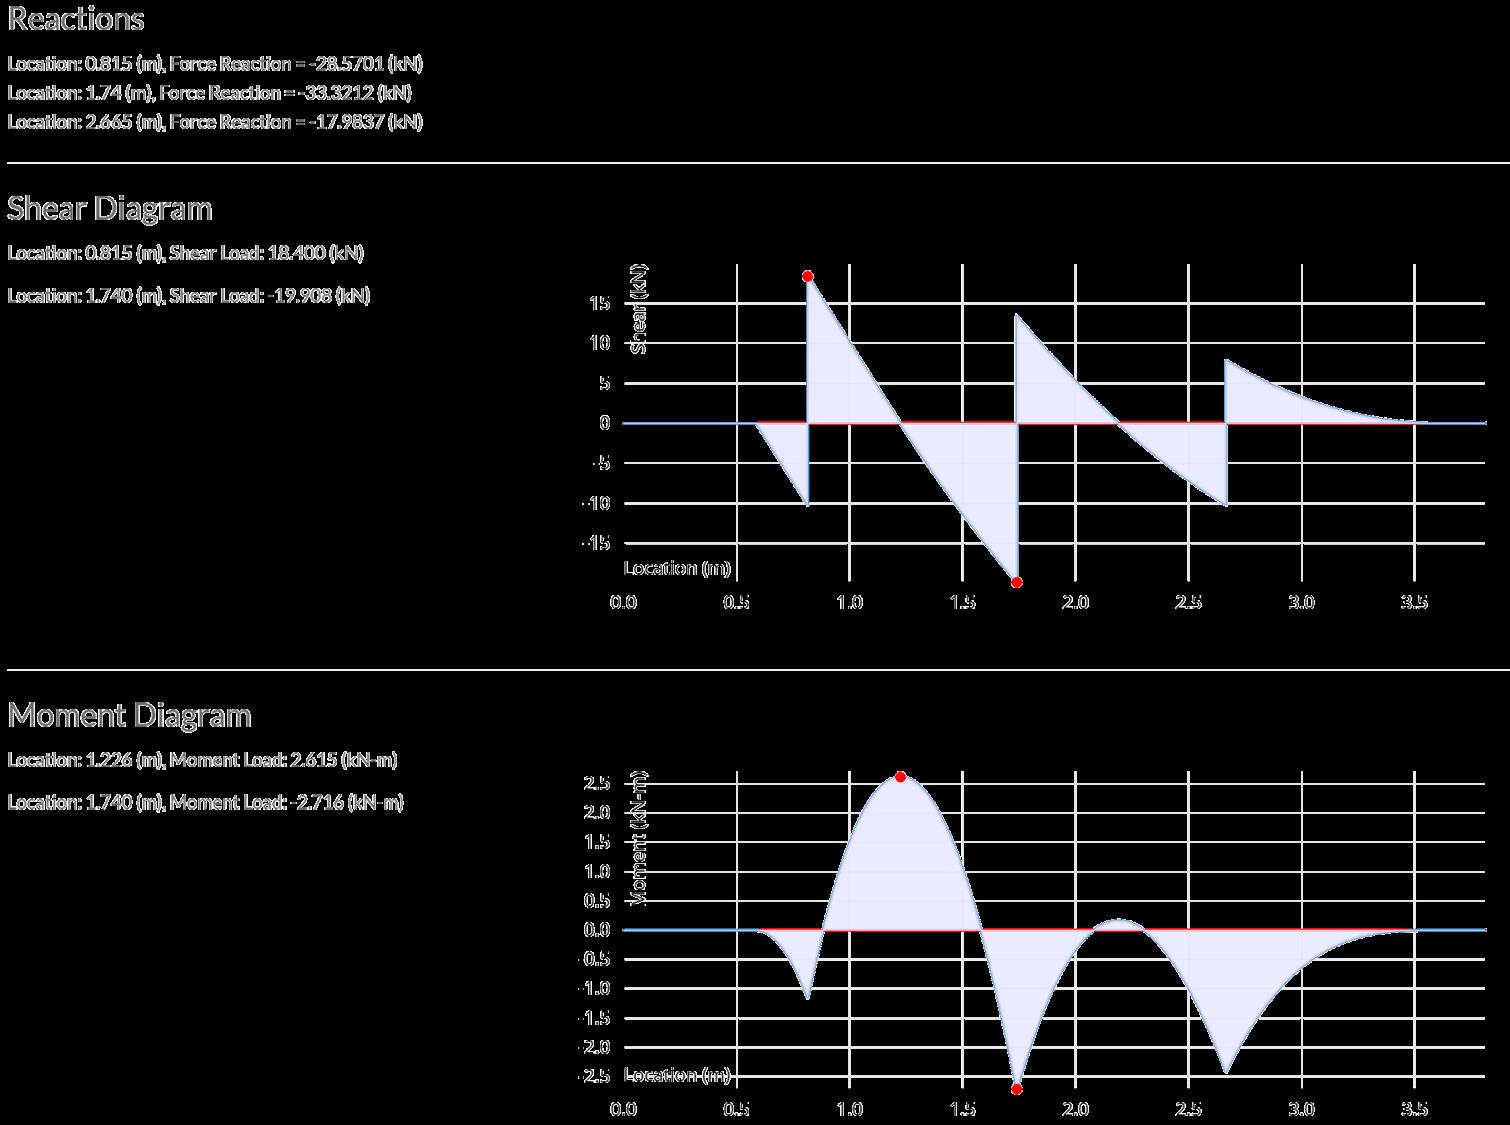 Surprising Optimal Beam Beam Analysis Calculator Free Trial Wiring 101 Jonihateforg